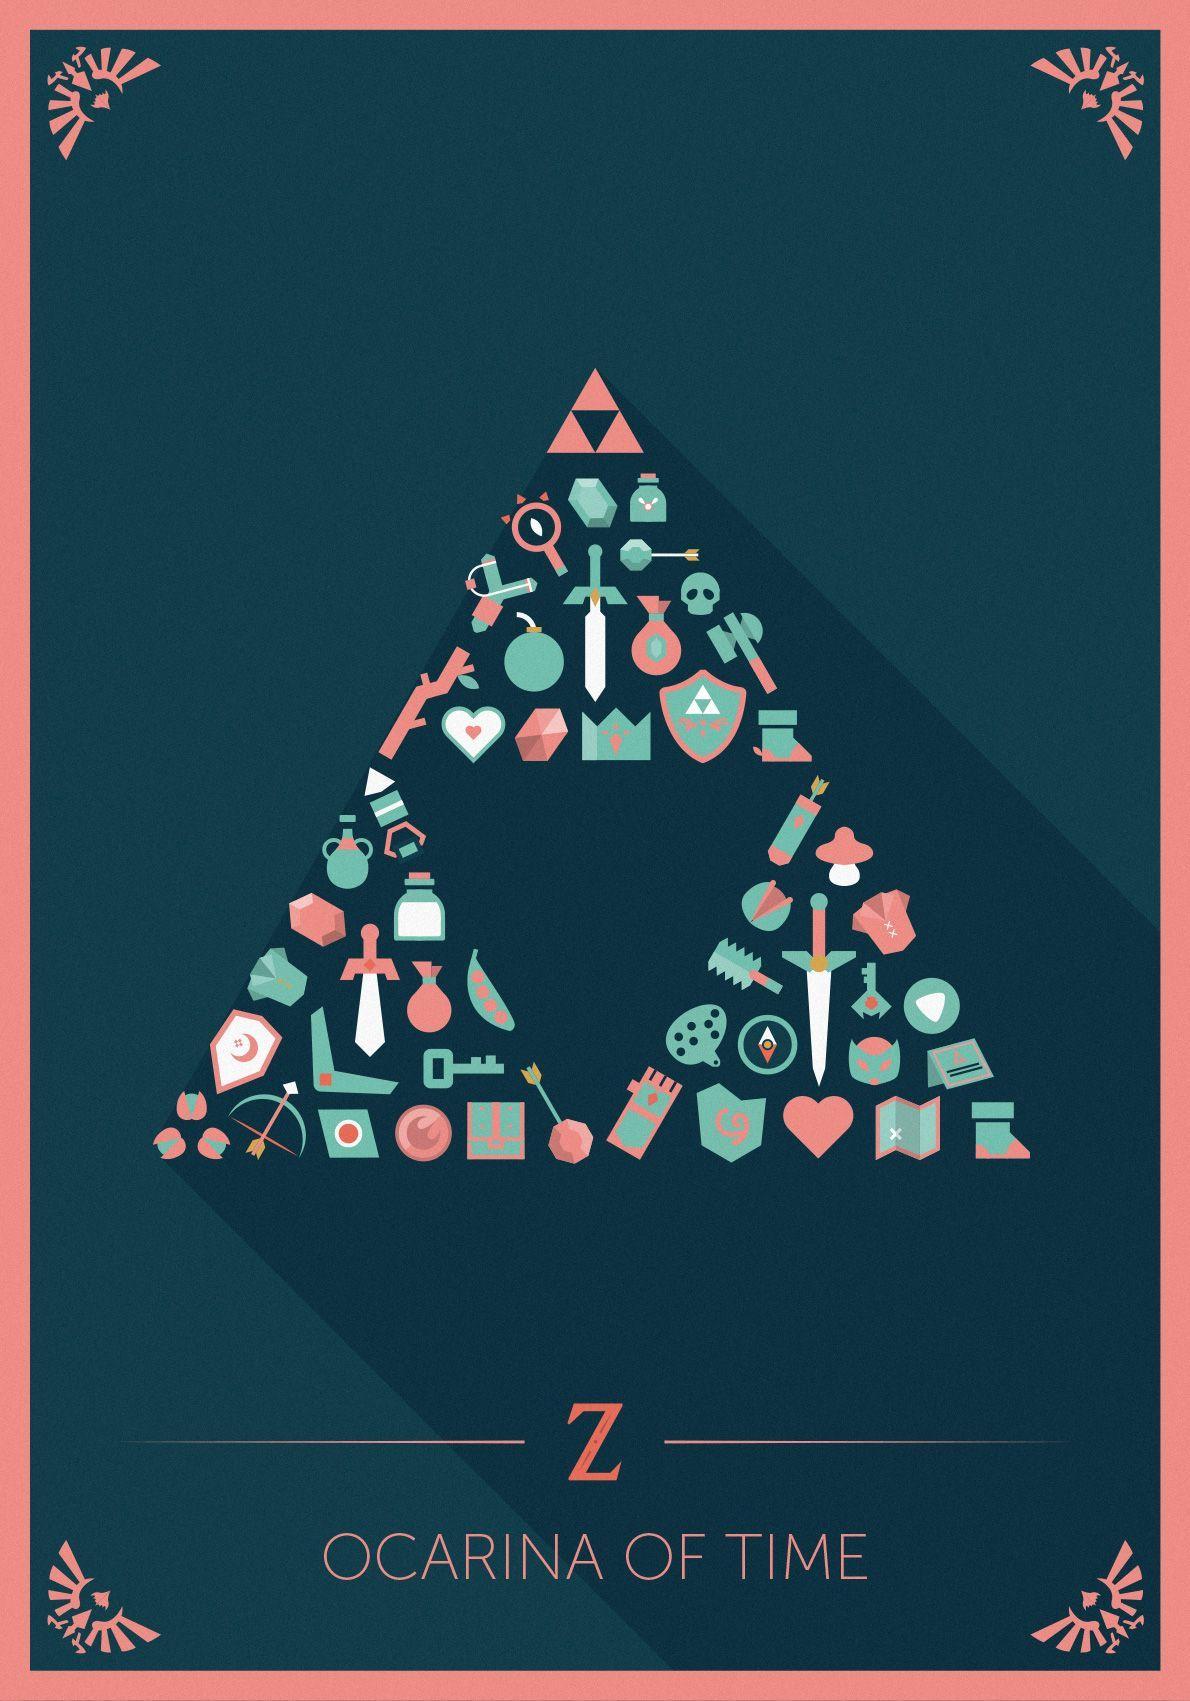 Wallpapers Zelda Ocarina Of Times . Wallpapers Zelda in